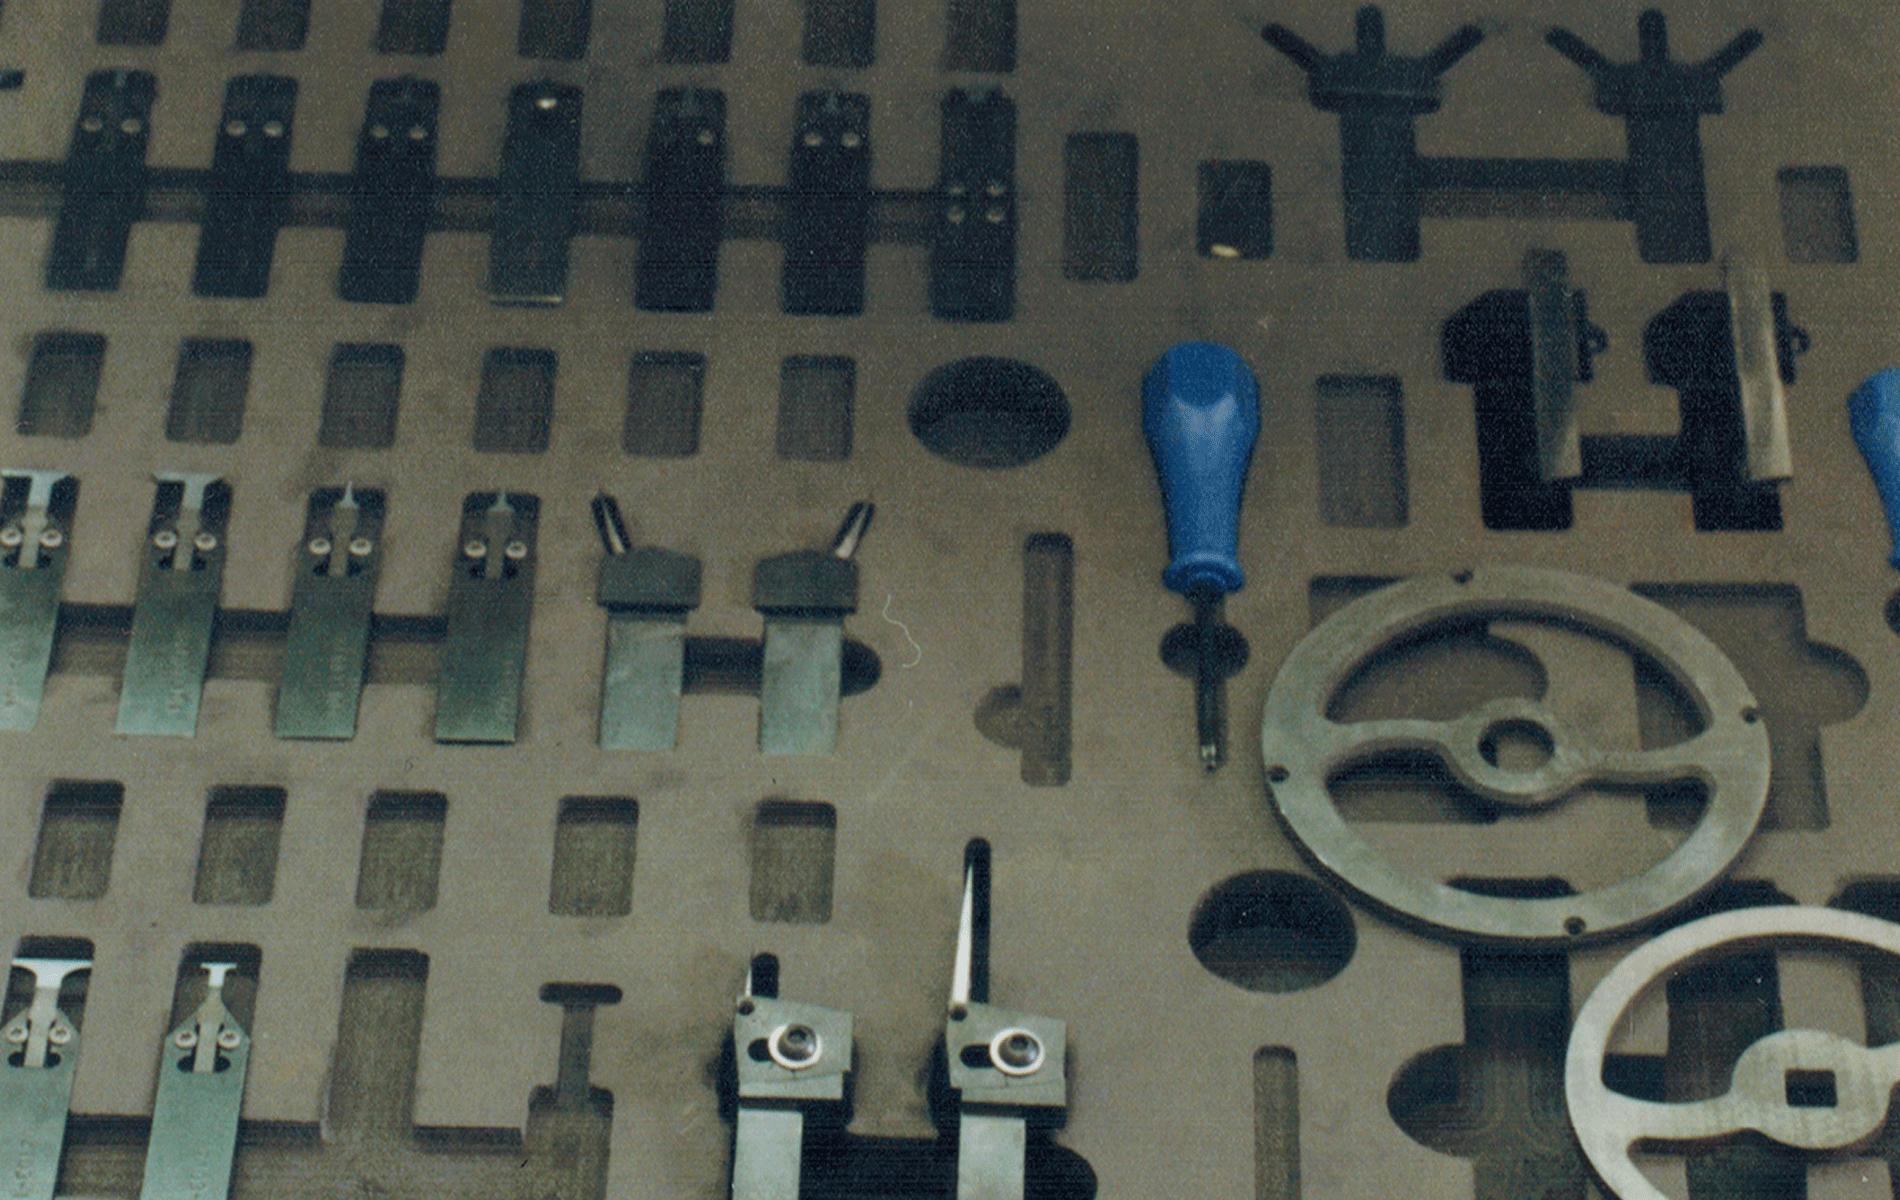 Tools & Holders